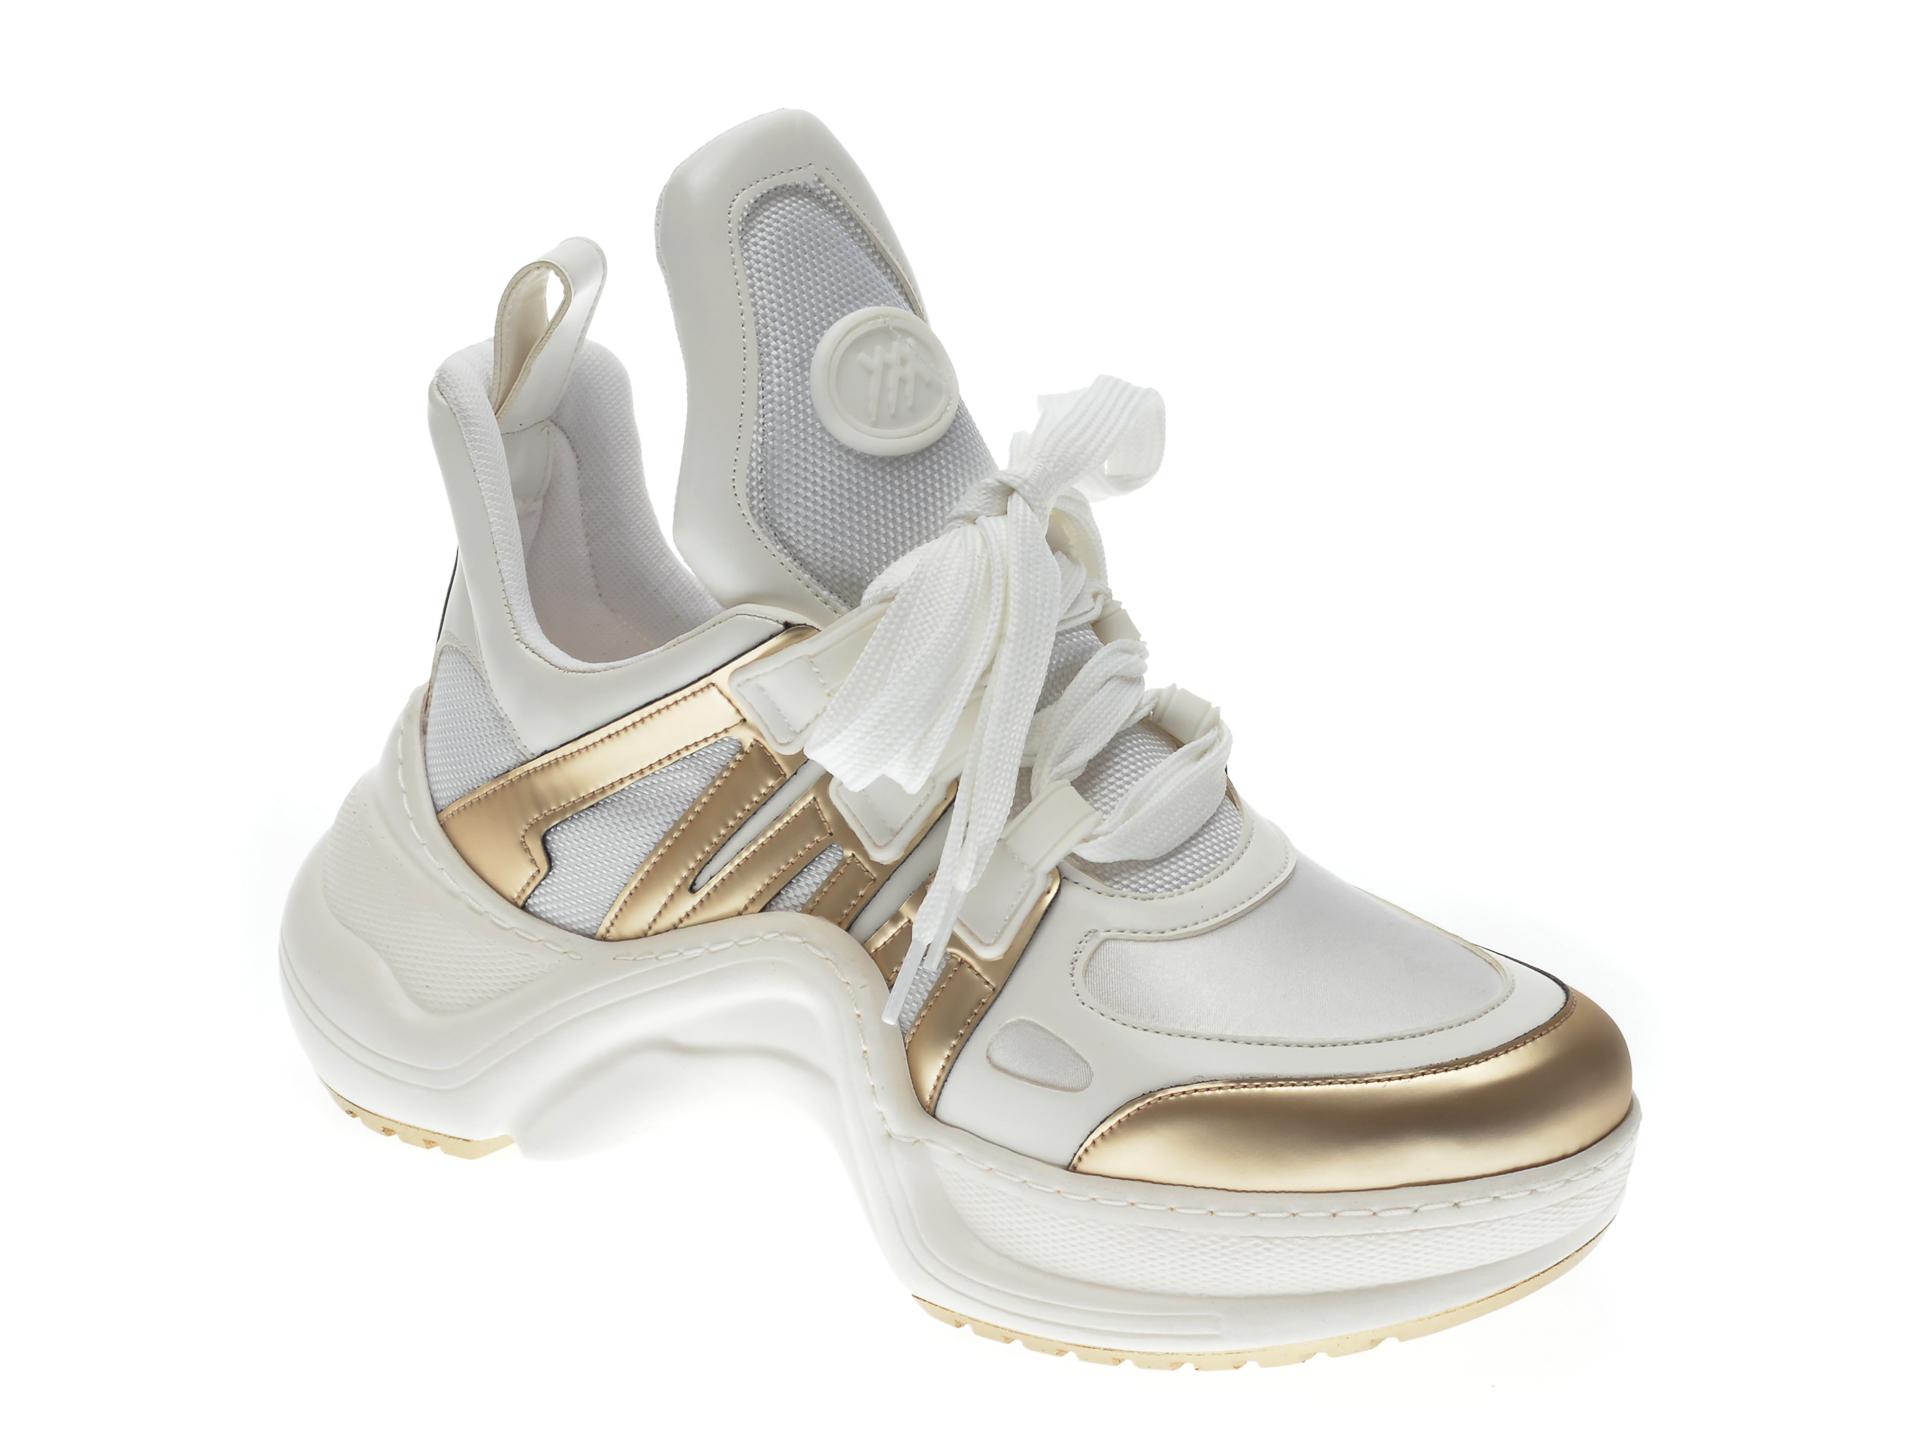 Pantofi sport GRYXX albi, MK1043, din piele ecologica